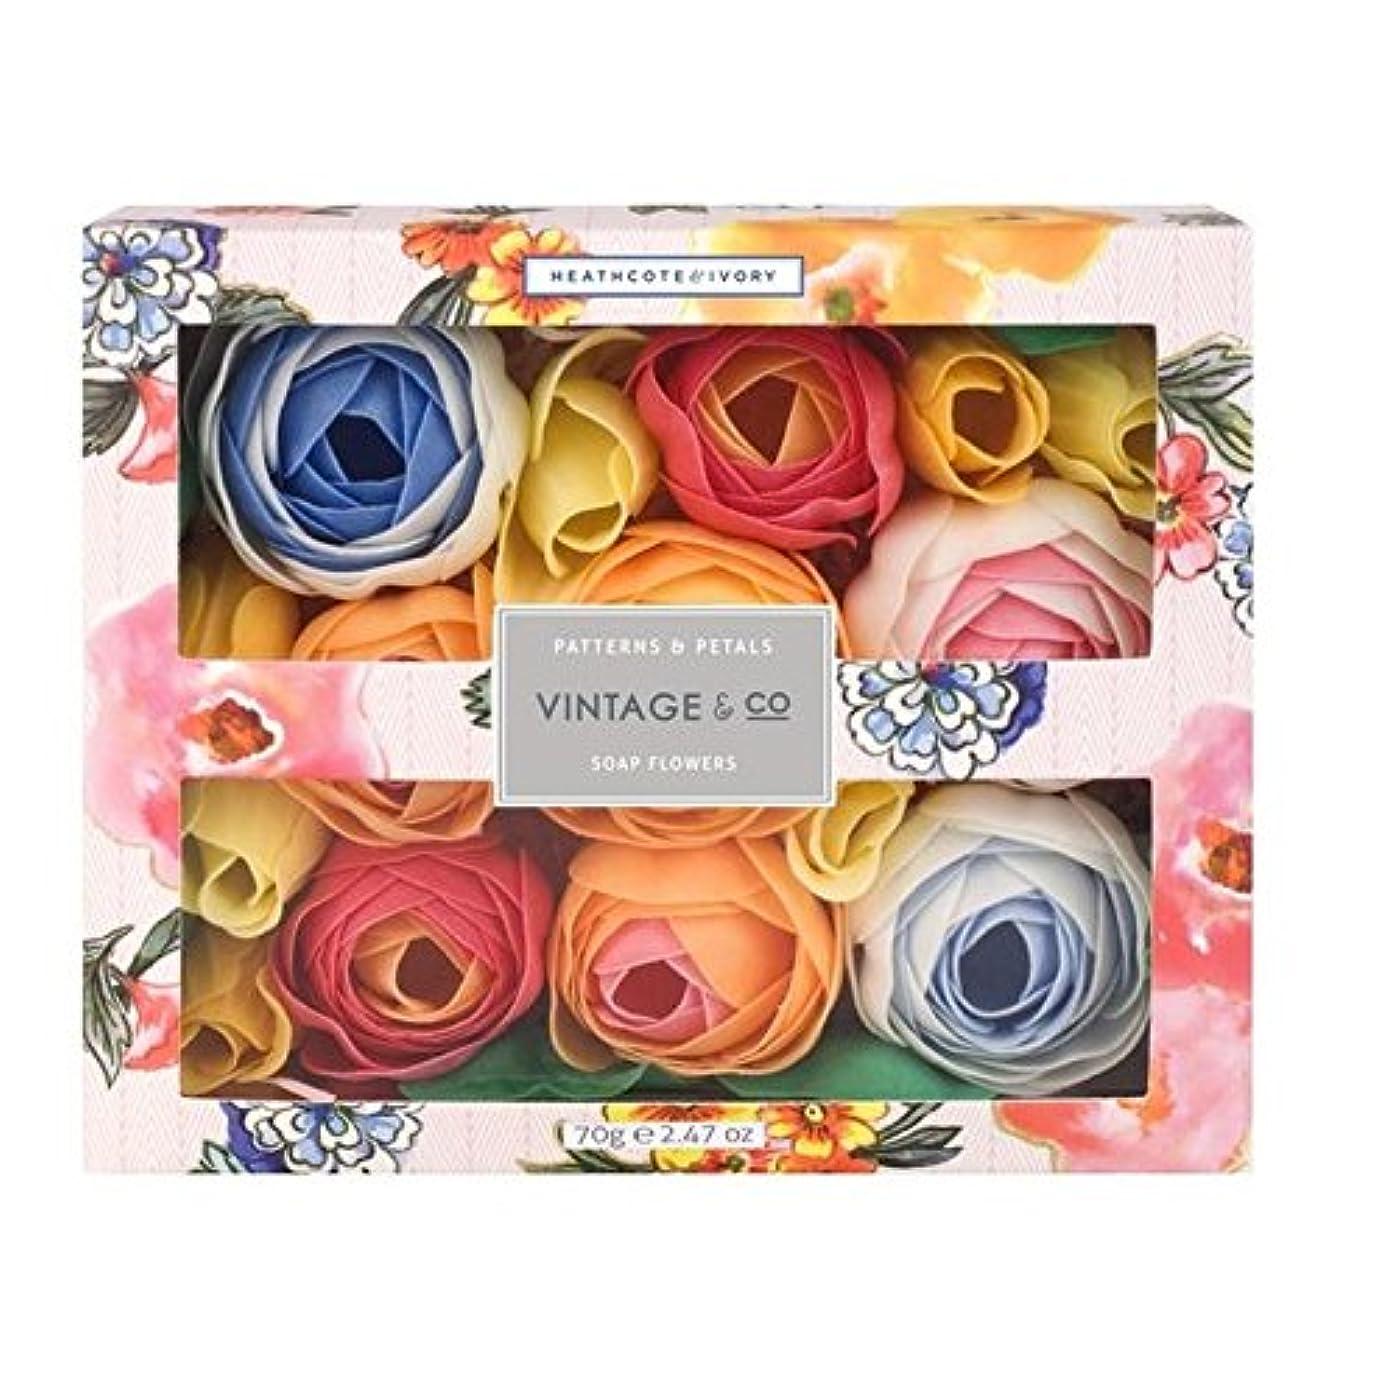 皿荒廃する不利Heathcote & Ivory Patterns & Petals Soap Flowers 70g - ヒースコート&アイボリーパターン&花びら石鹸の花70グラム [並行輸入品]